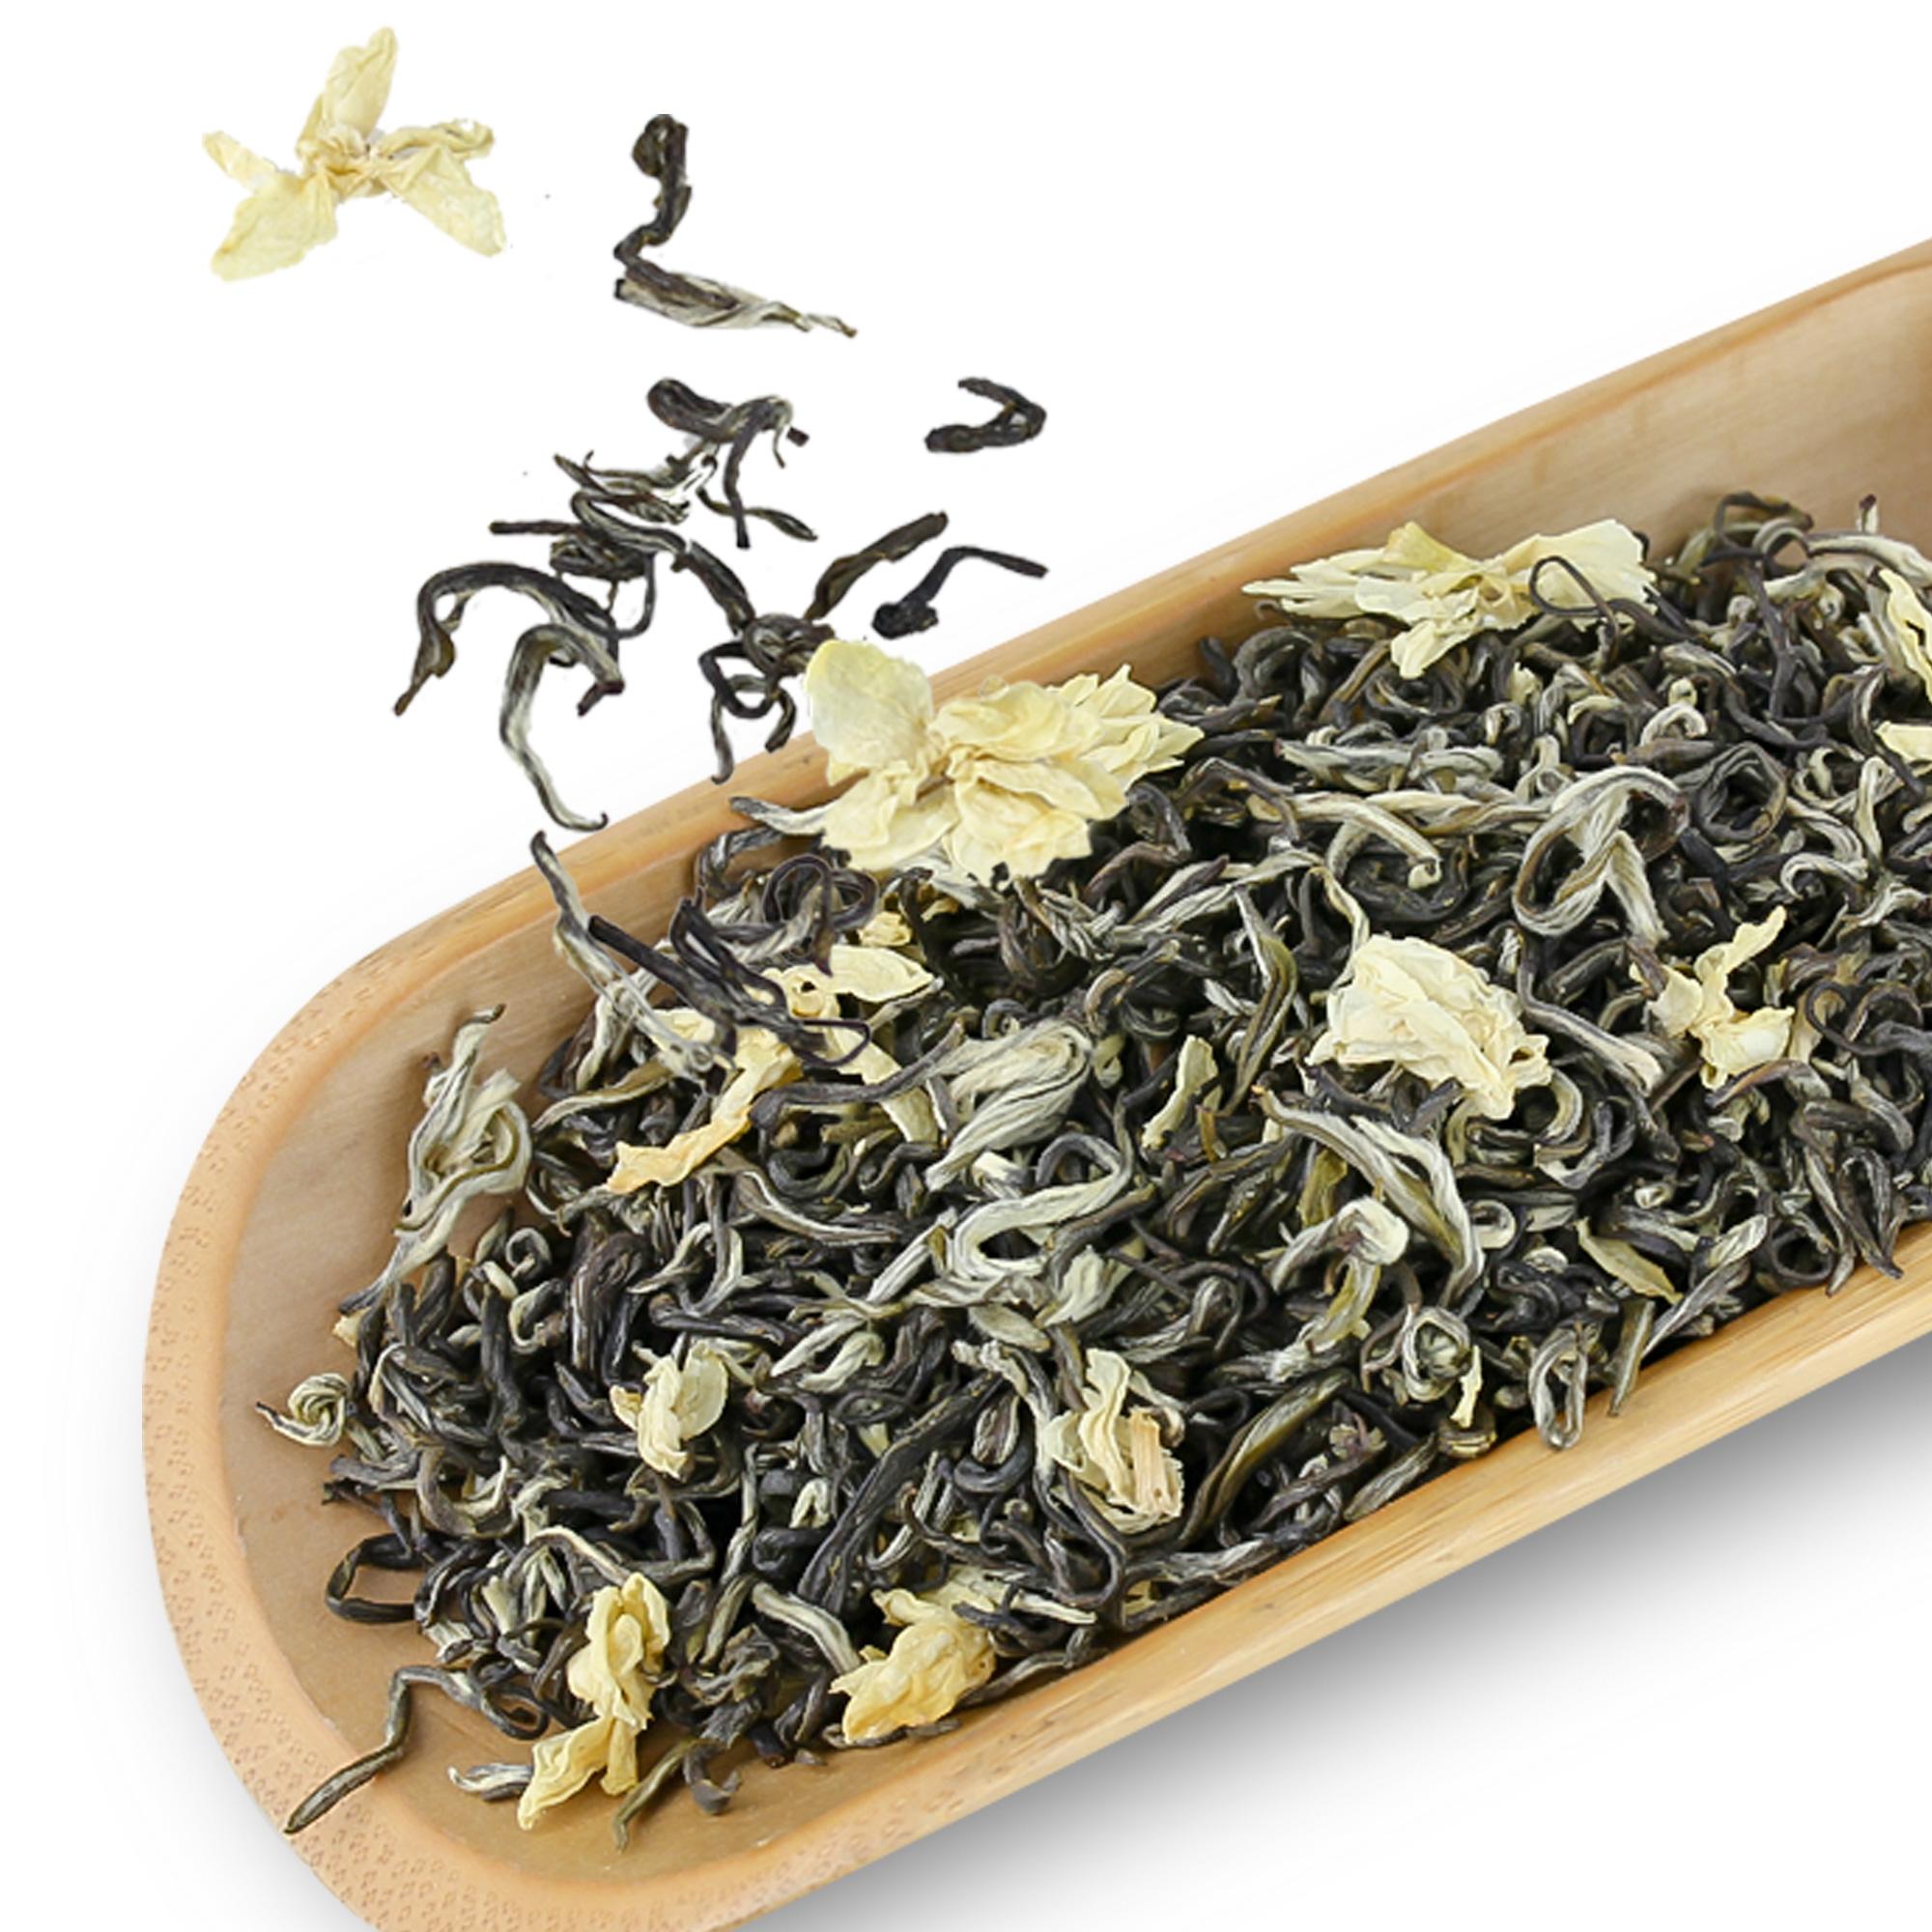 罐装 250g 新茶带香浮飘雪浓香型茉莉绿茶特级四川茶叶 2018 茉莉花茶